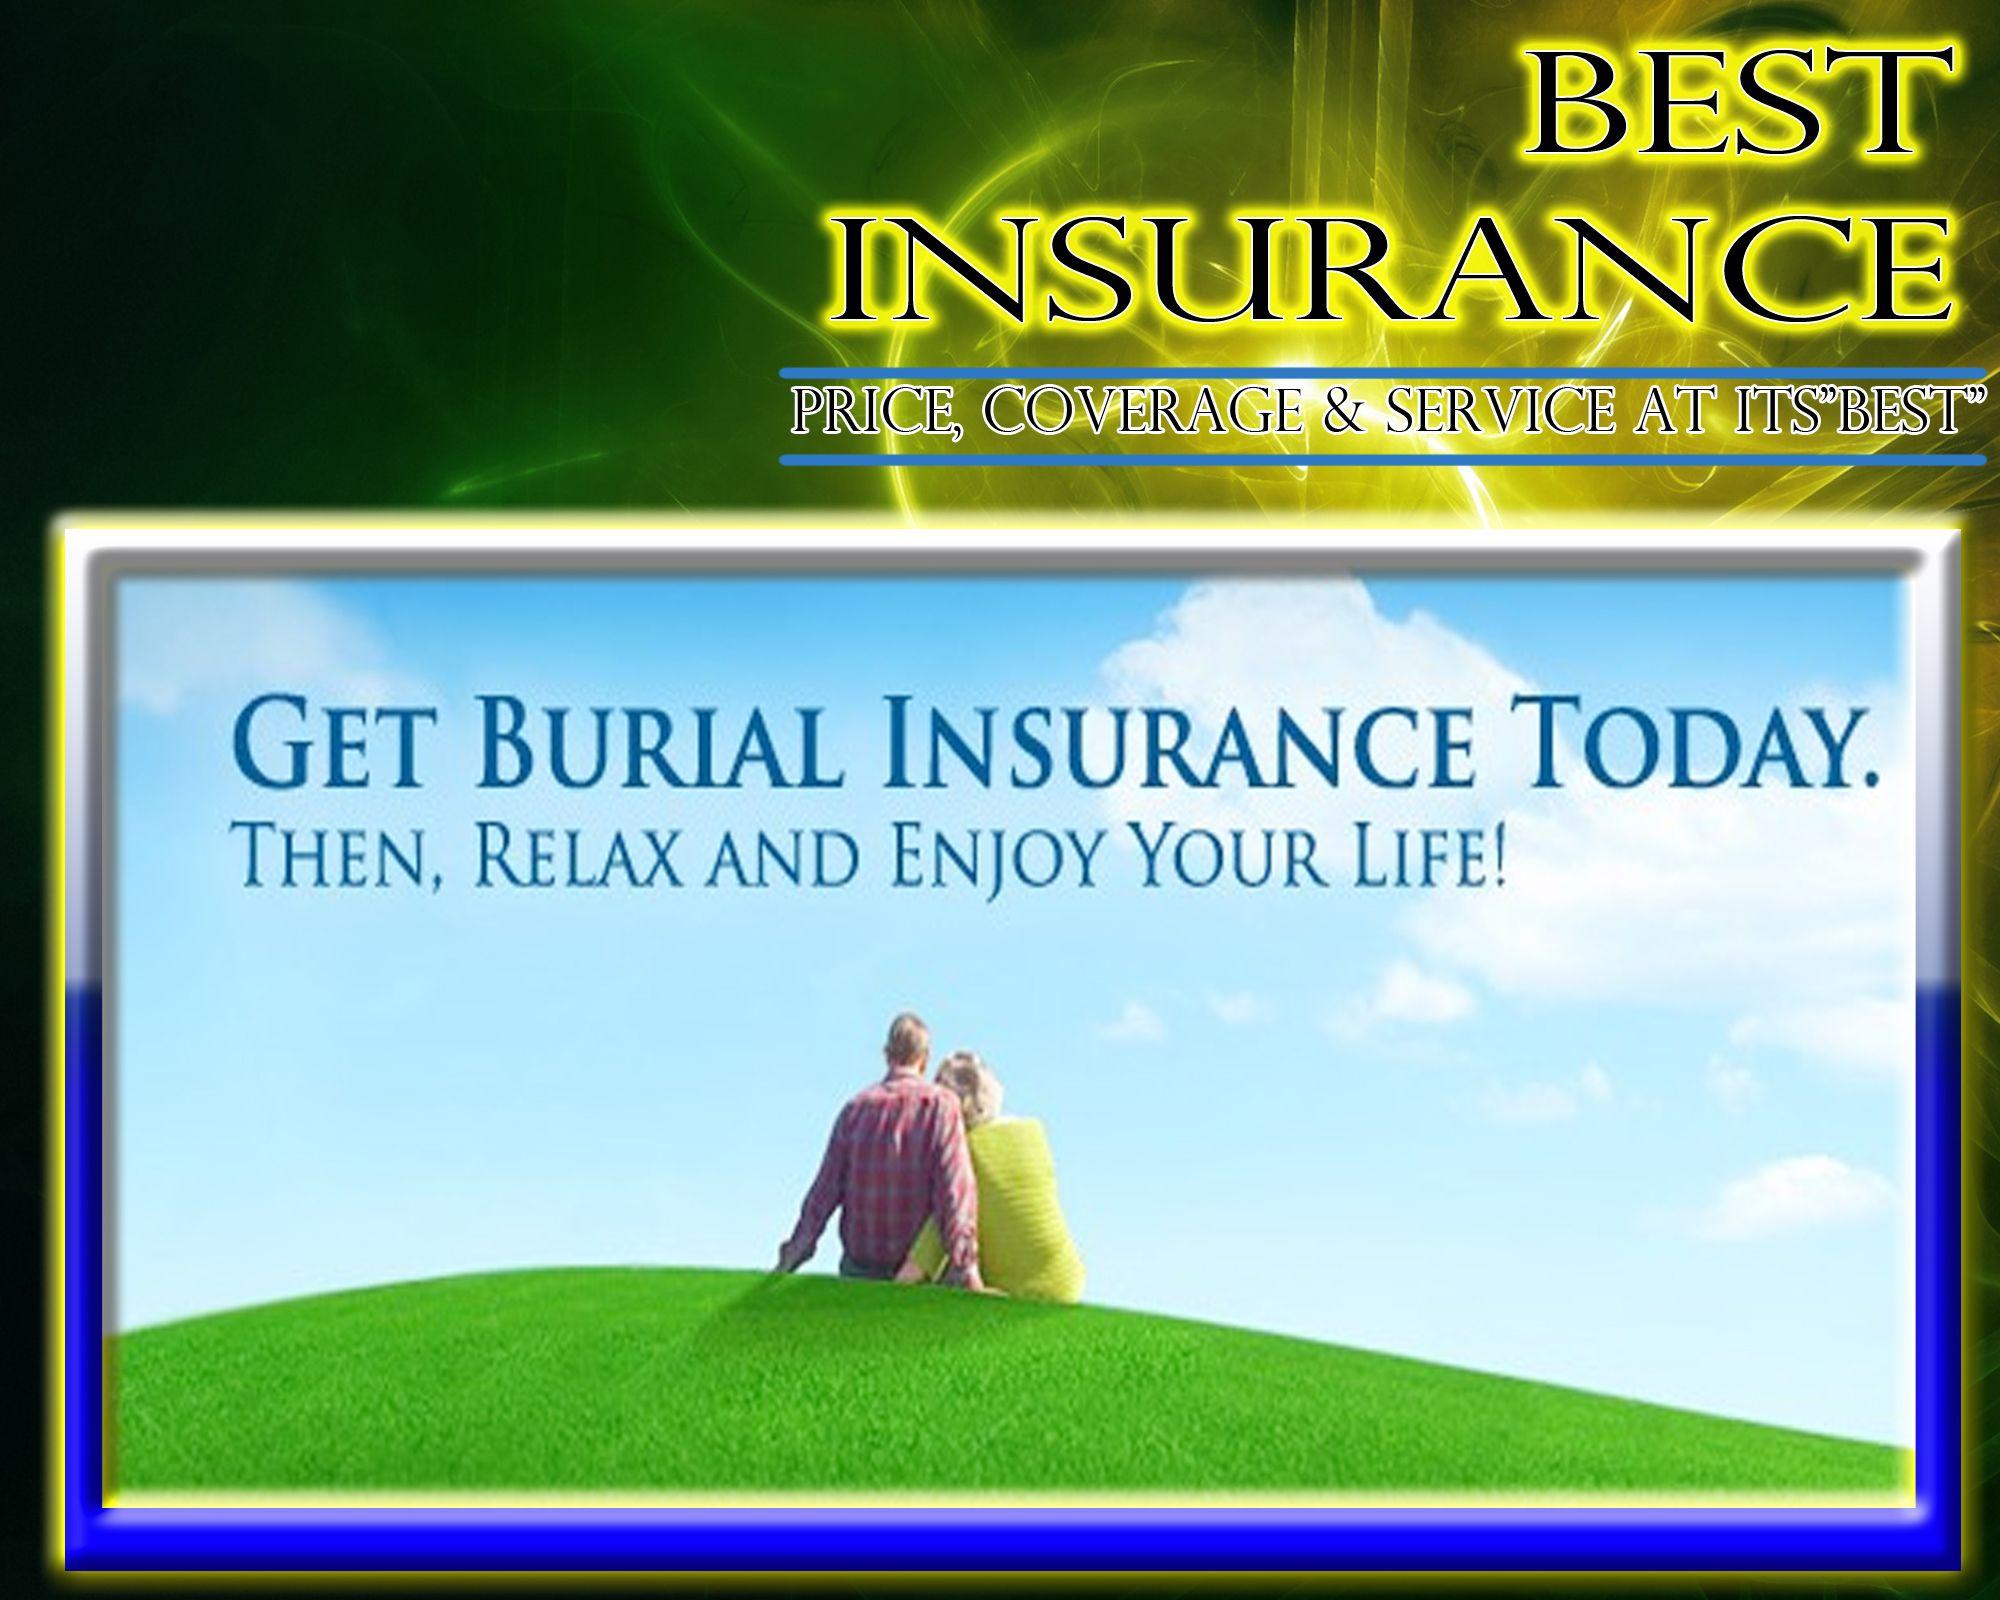 HomeOwnersInsuranceFortLauderdale Burial Insurance Best